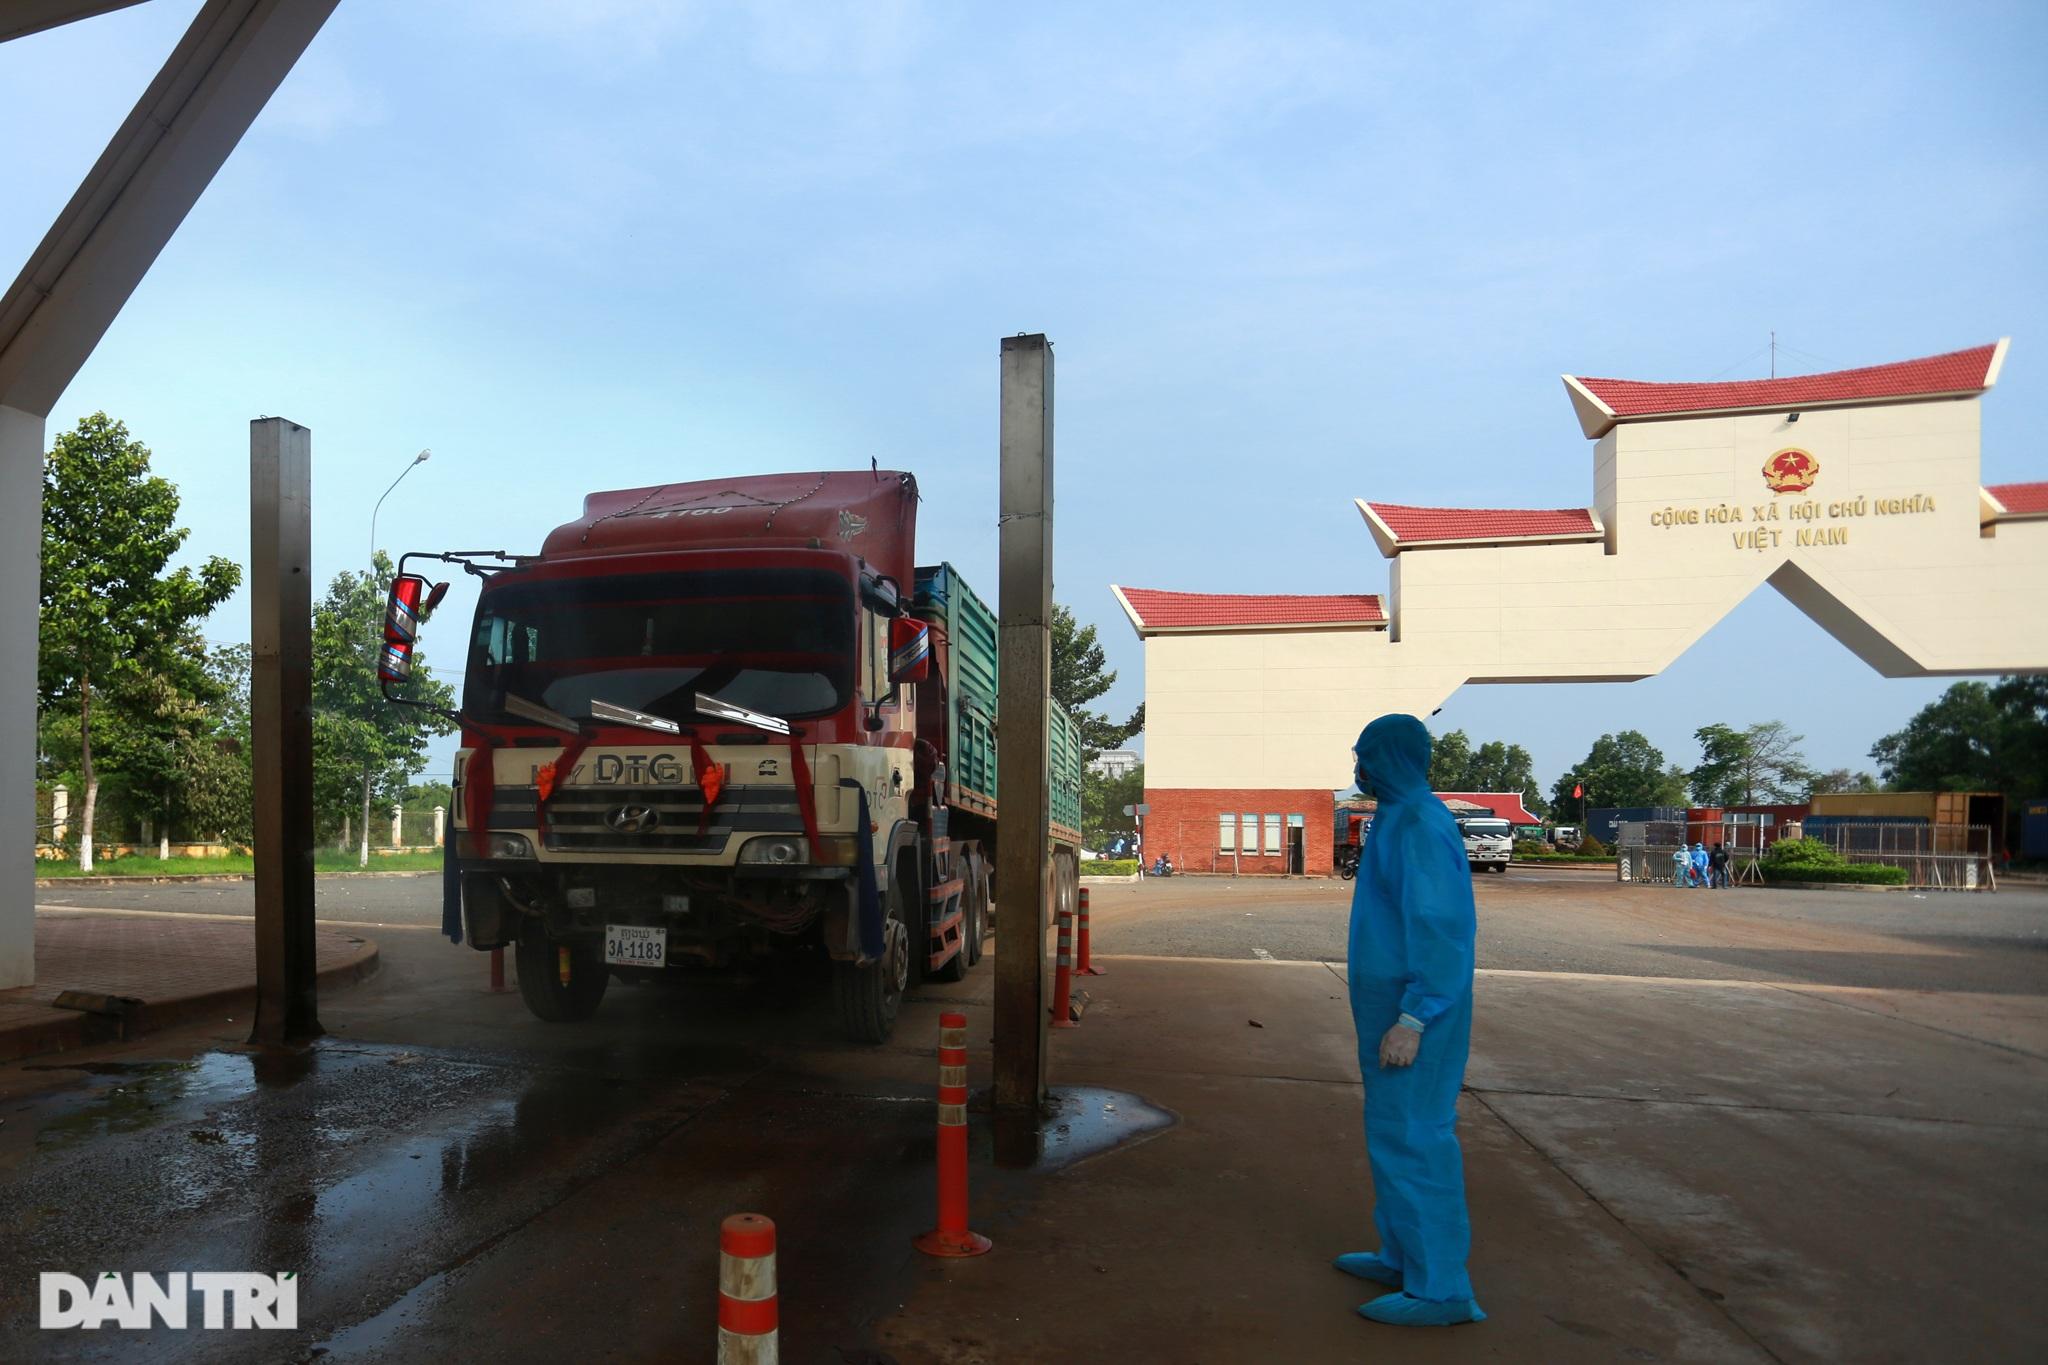 Biệt đội đánh xe thuê ở cửa khẩu biên giới Tây Ninh với Campuchia - 7